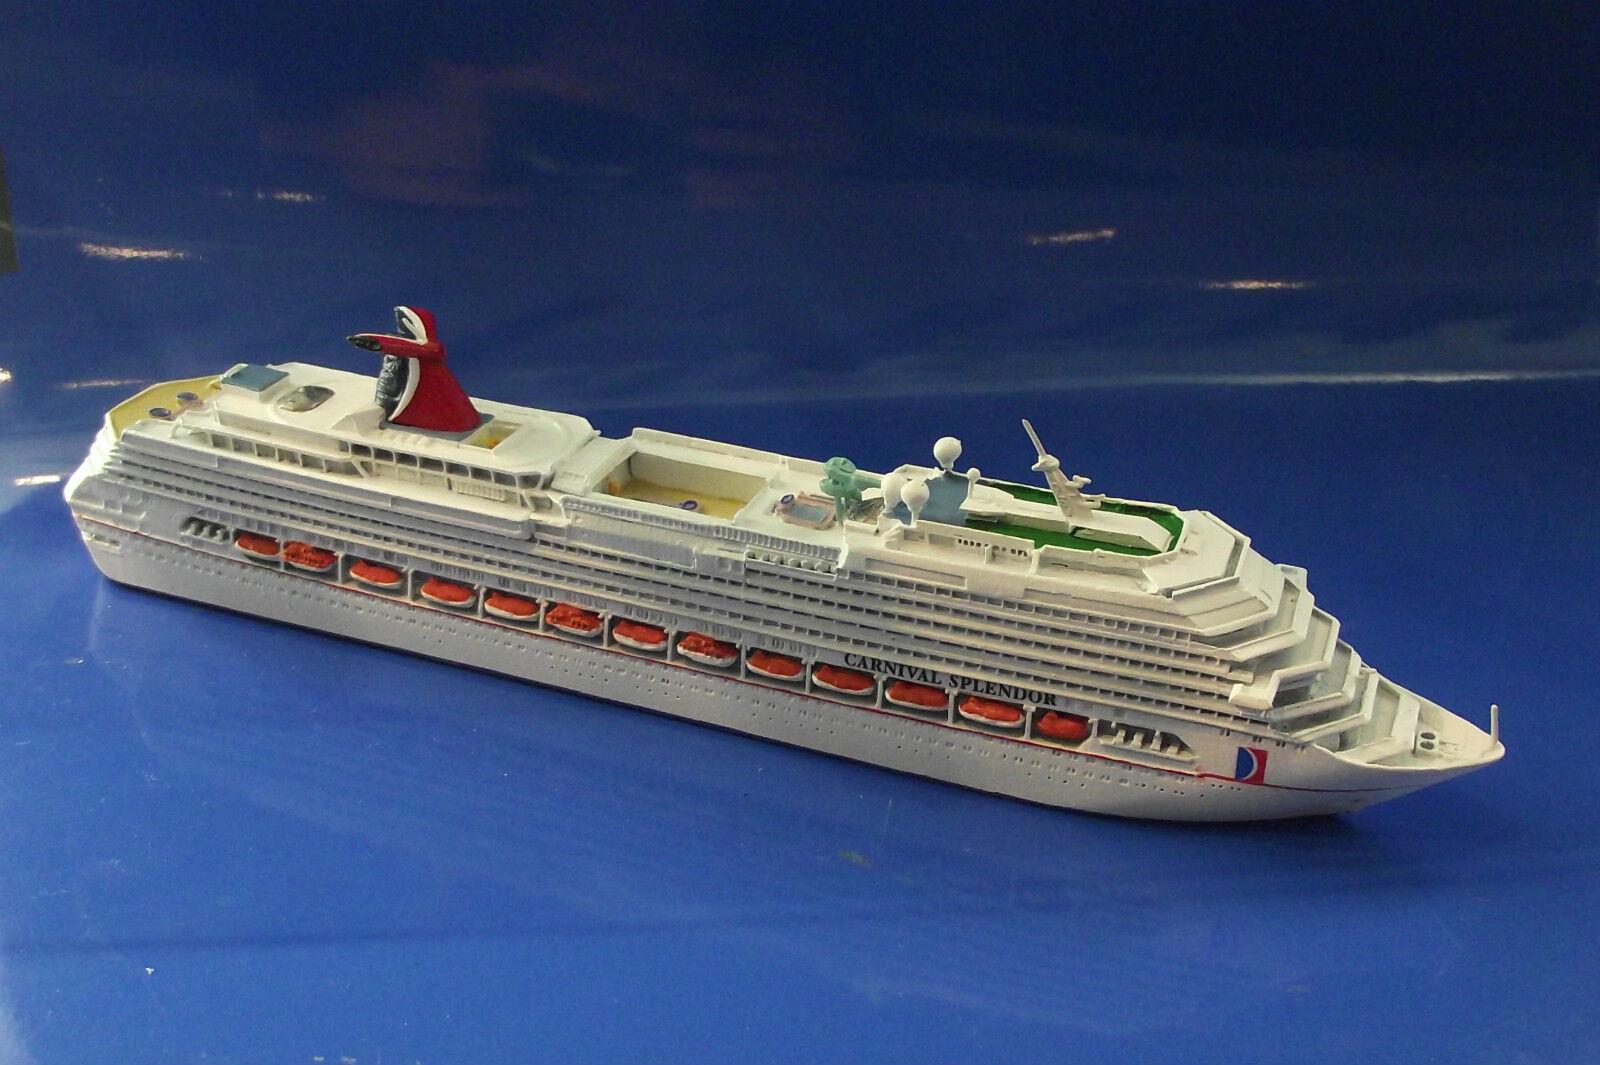 ti aspetto Cm Nave 1 1250 USA nave nave nave da crociera  autoNIVAL Splendor  CM KR 333 OVP NUOVO  Nuova lista